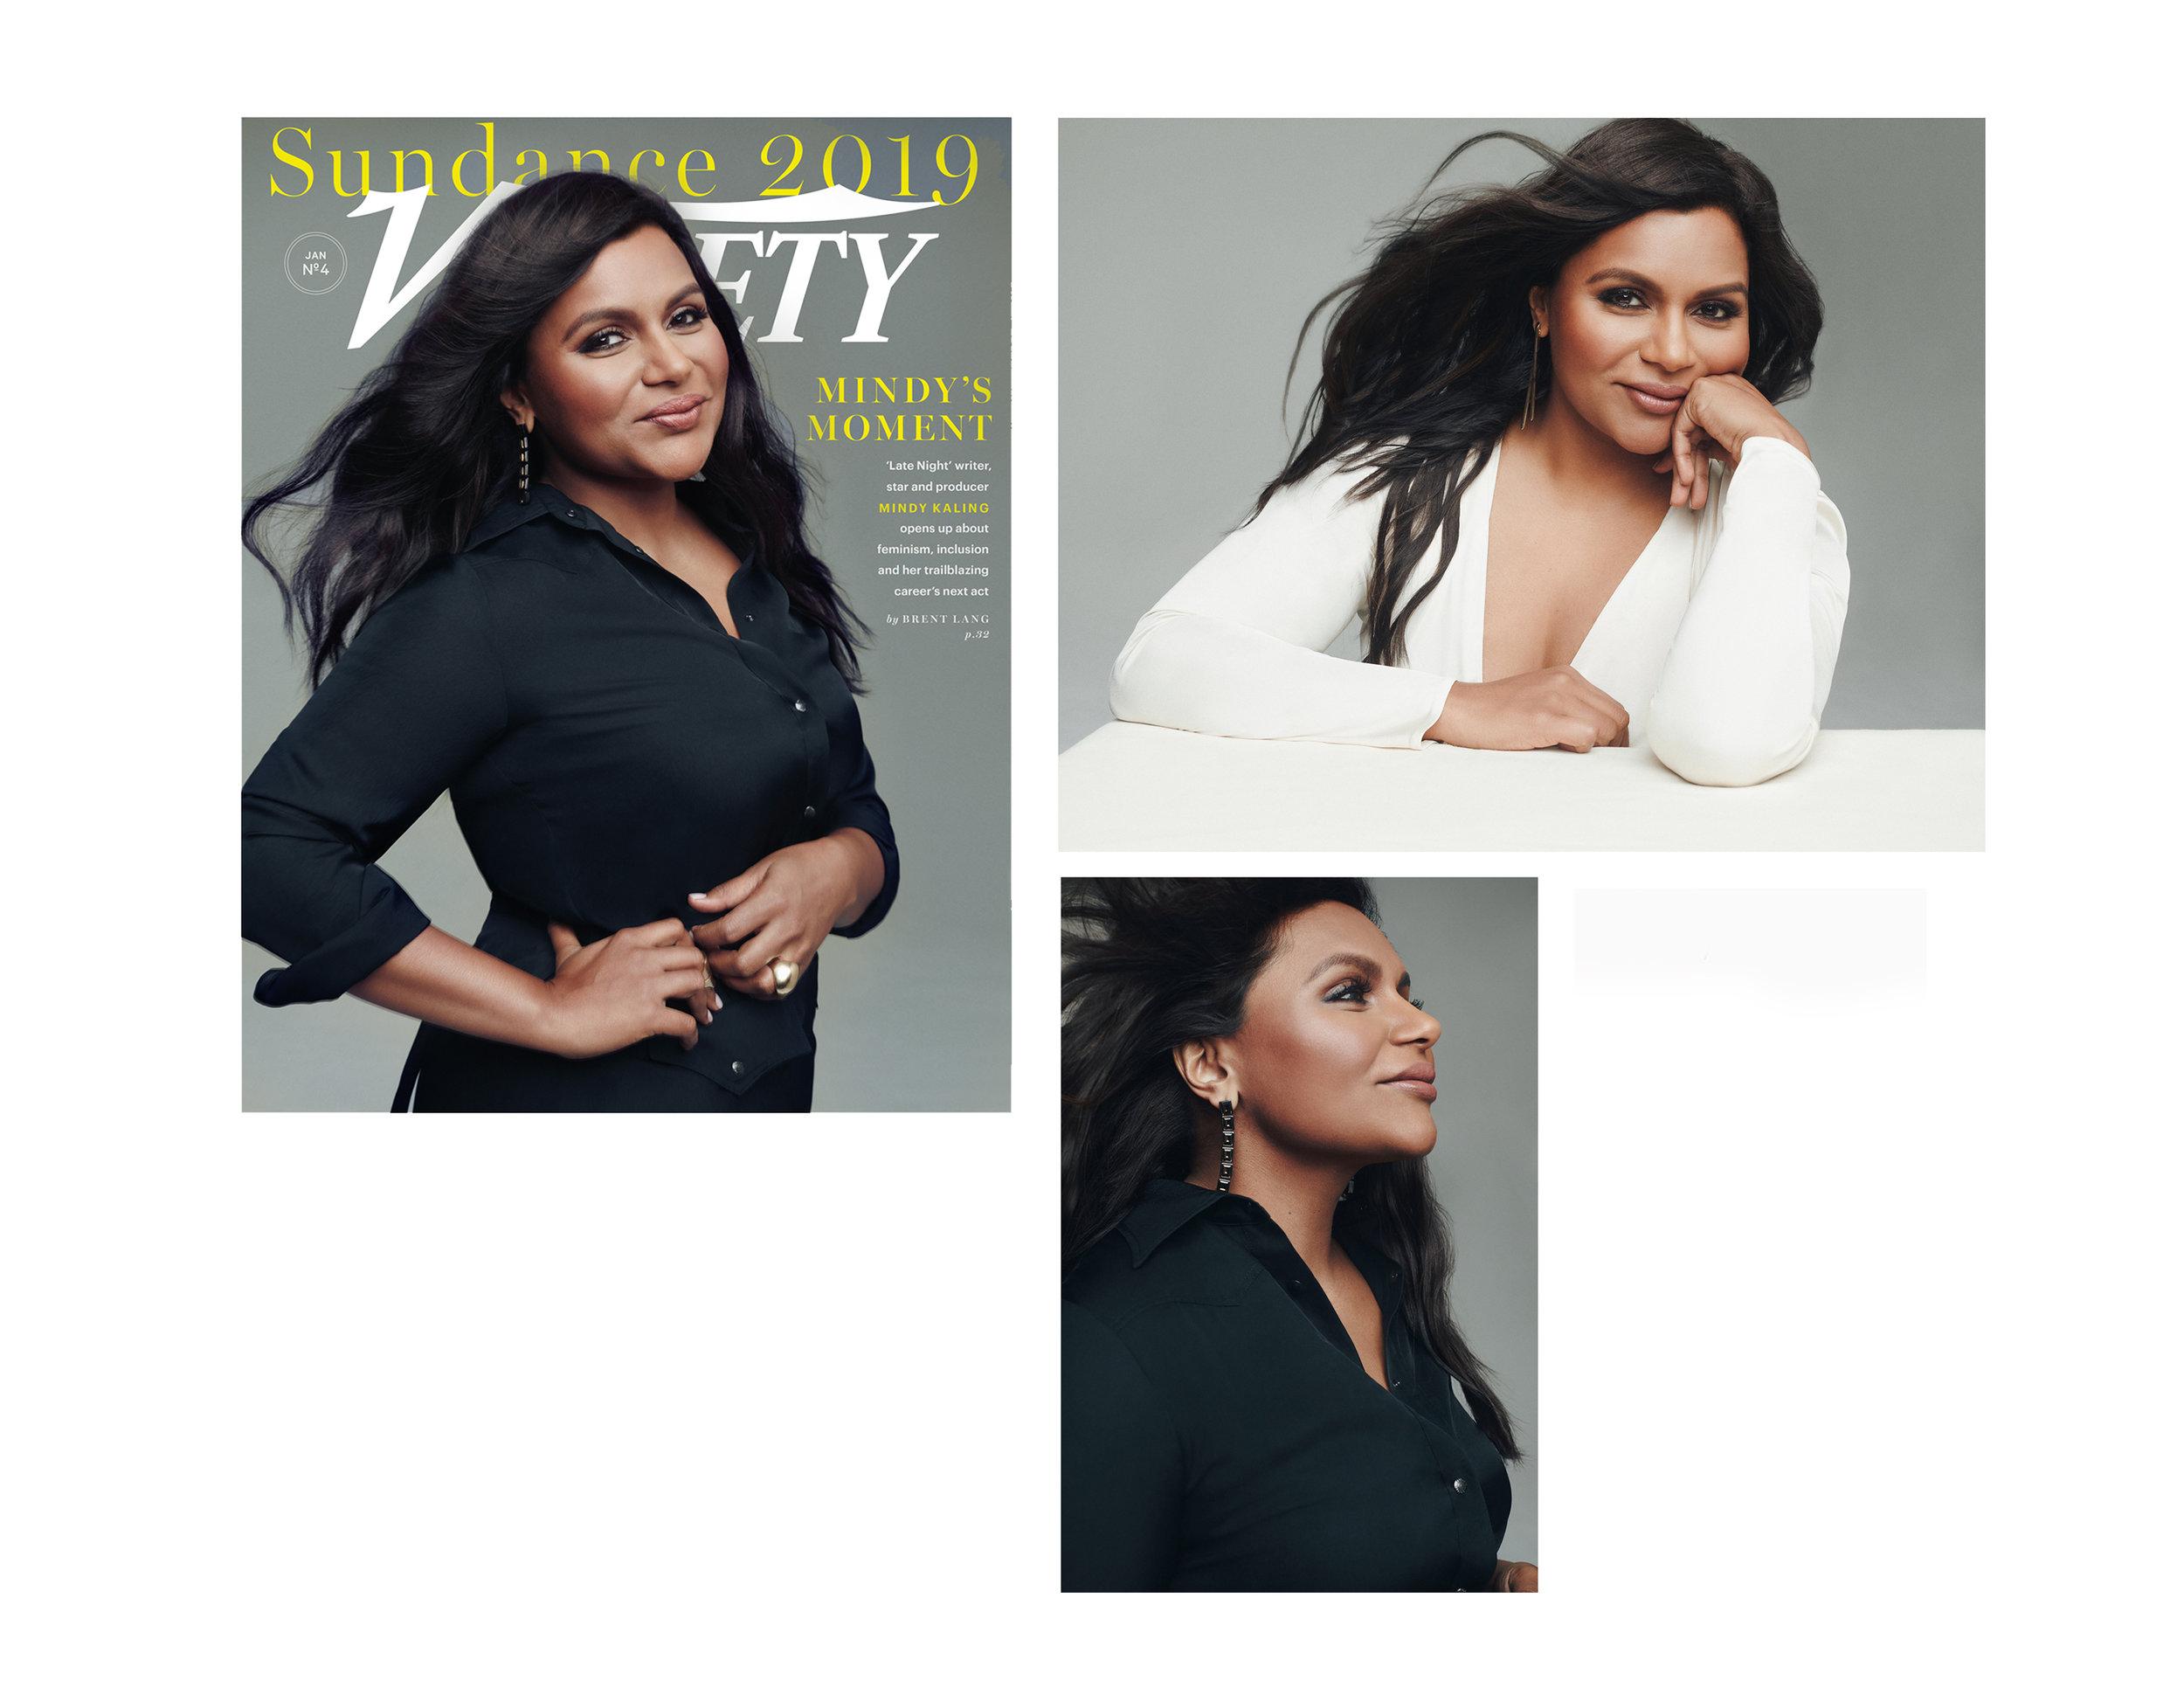 Mindy Kaling / Variety